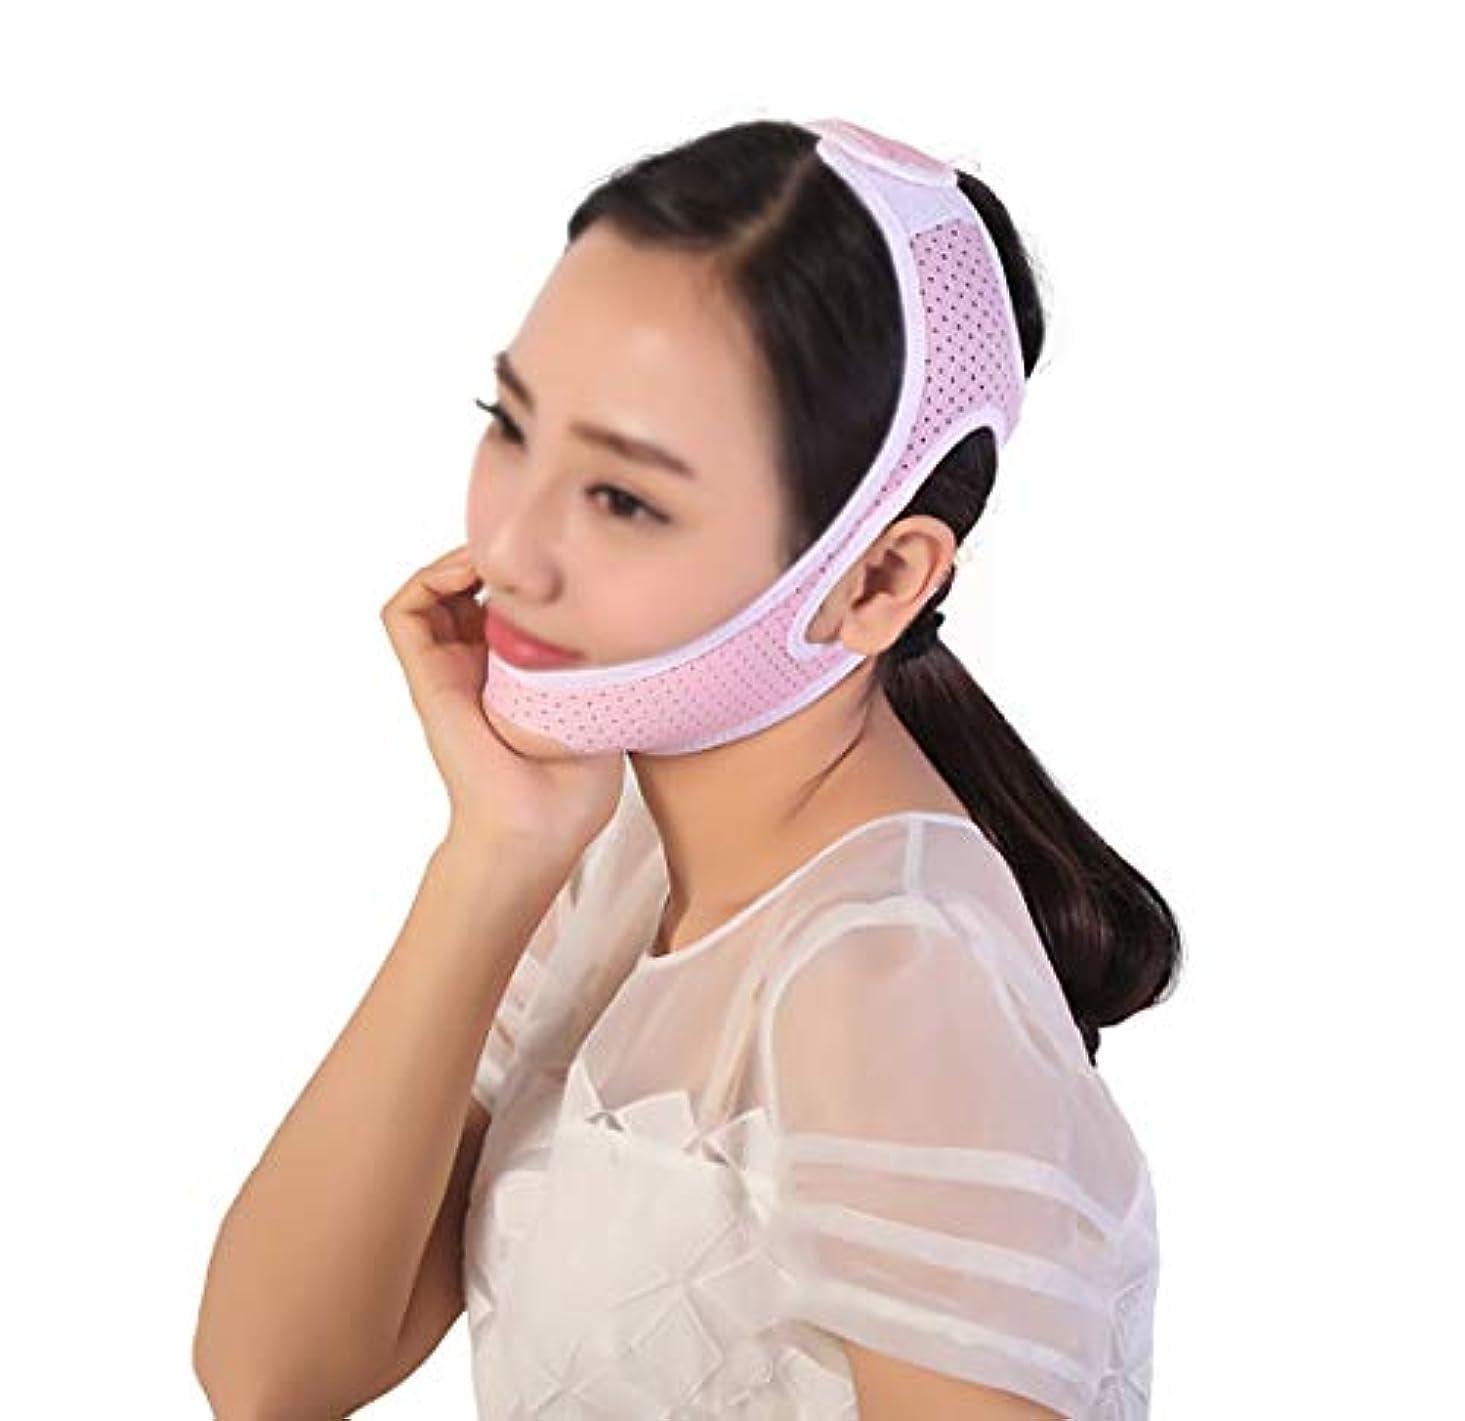 ラバ私たち狂った包帯を細くする顔の細くのマスク通気性の顔の二重あごの心配の減量の表面ベルト (Size : M)